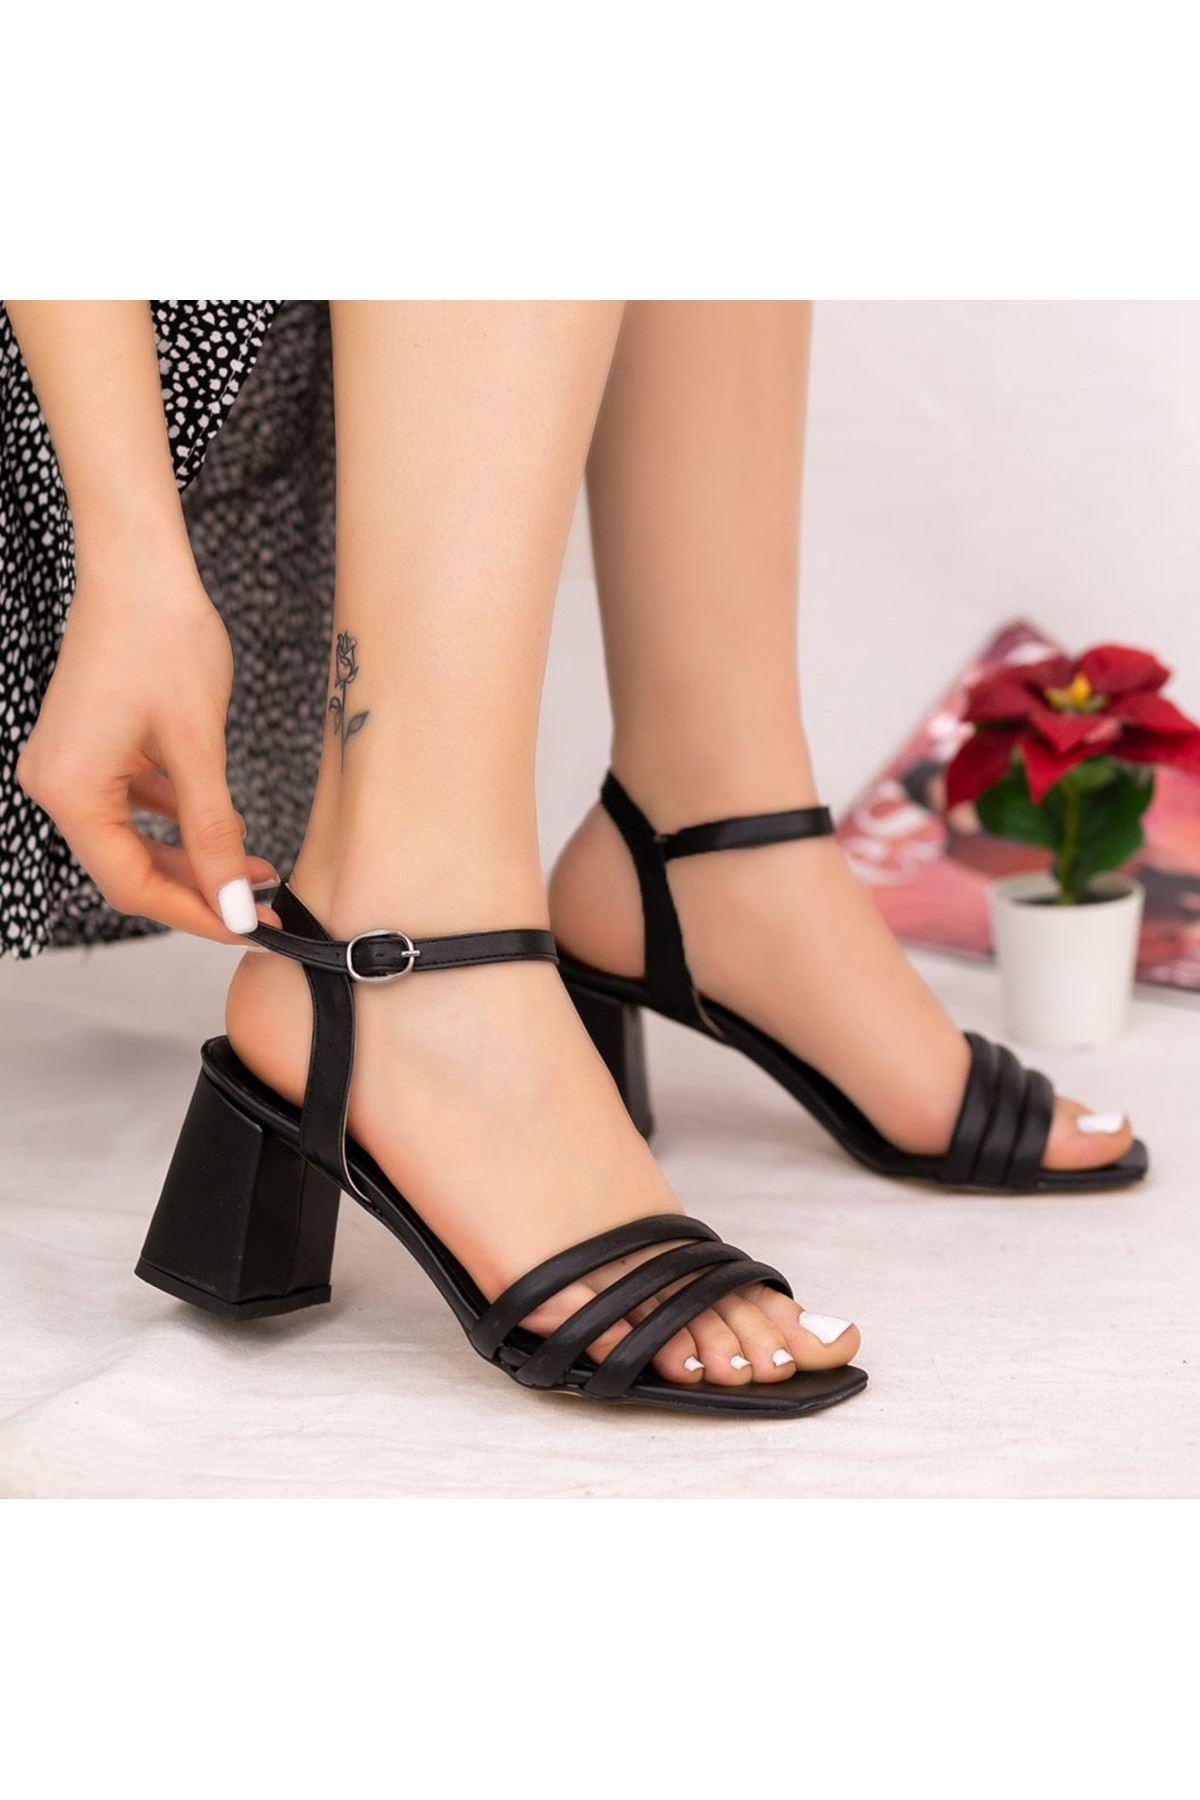 Larix Siyah Cilt Topuklu Ayakkabı